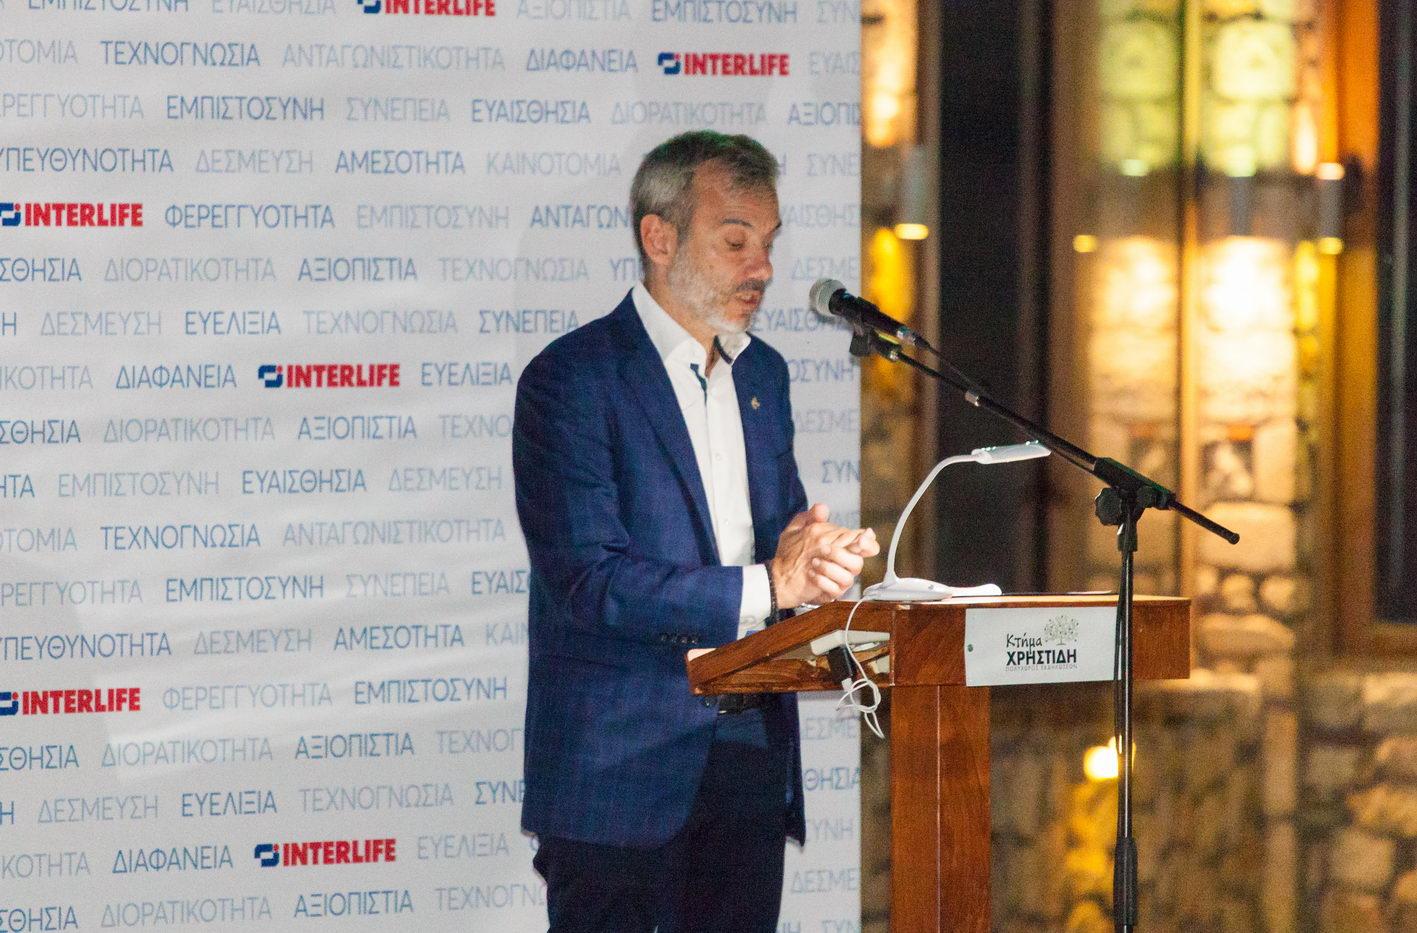 Κος Κωνσταντίνος Ζέρβας INTERLIFE Γενική Συνέλευση 2020